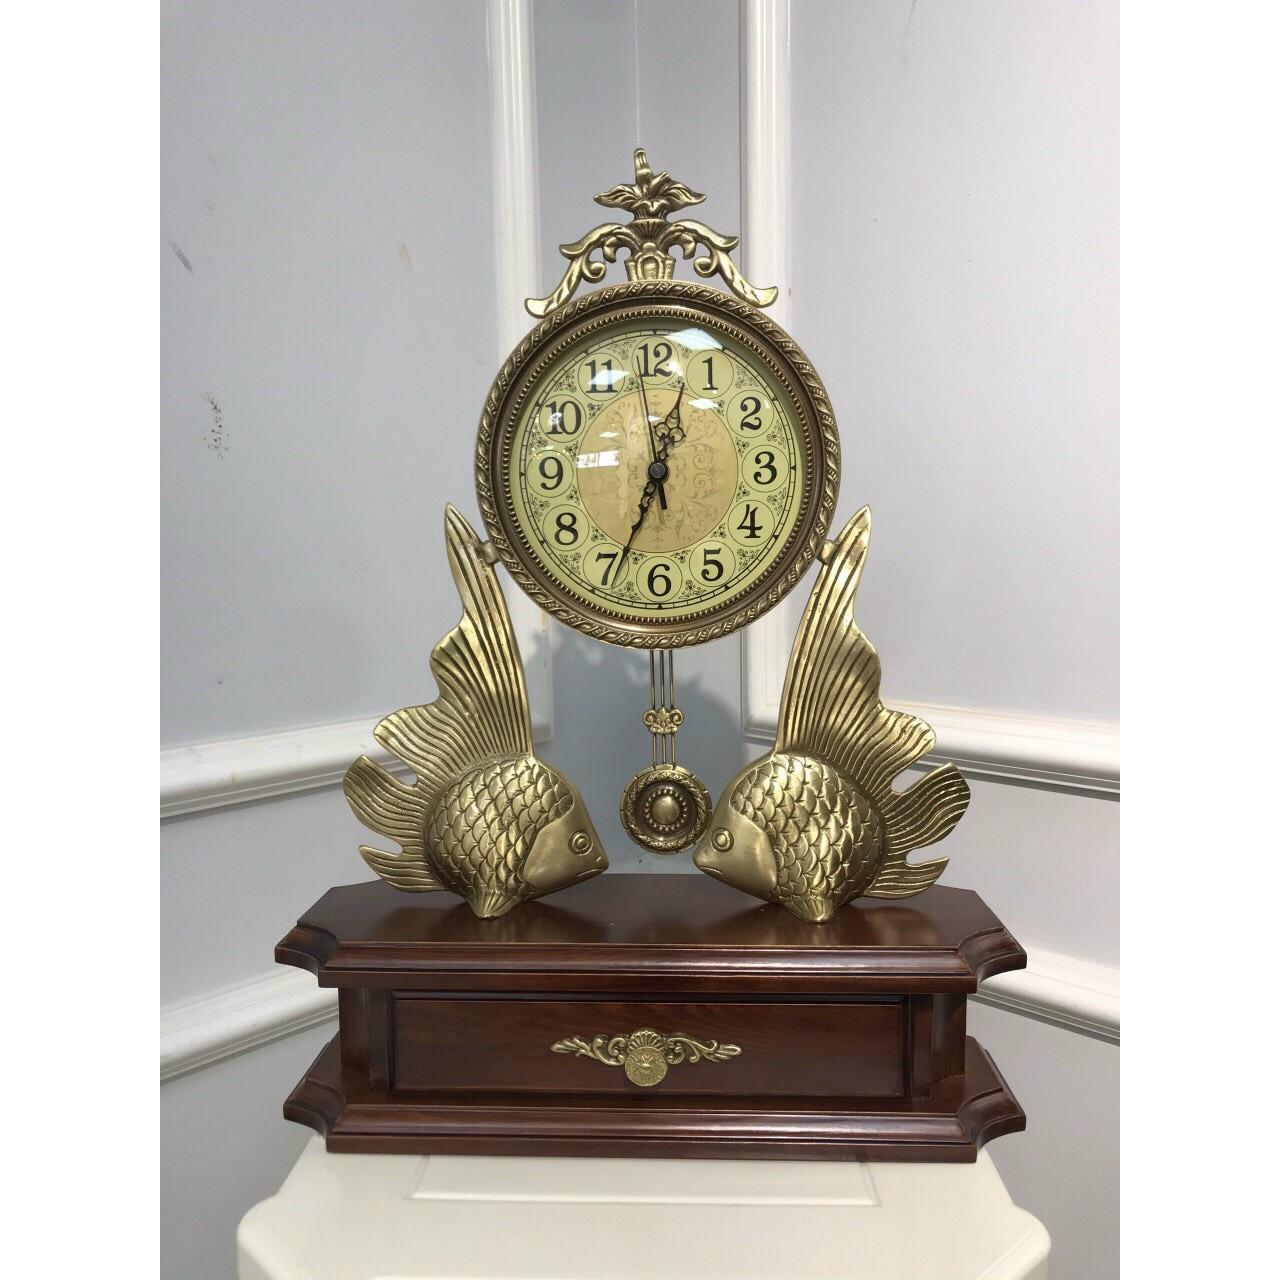 Đồng hồ để bàn Chất Liệu Gỗ sồi và đồng mặt kính cao cấp - Đồng hồ để bàn cổ điển đẹp sang trọng kích thước 48 x 36 x 14cm để kệ tủ trang trí phòng khách nhà ở.